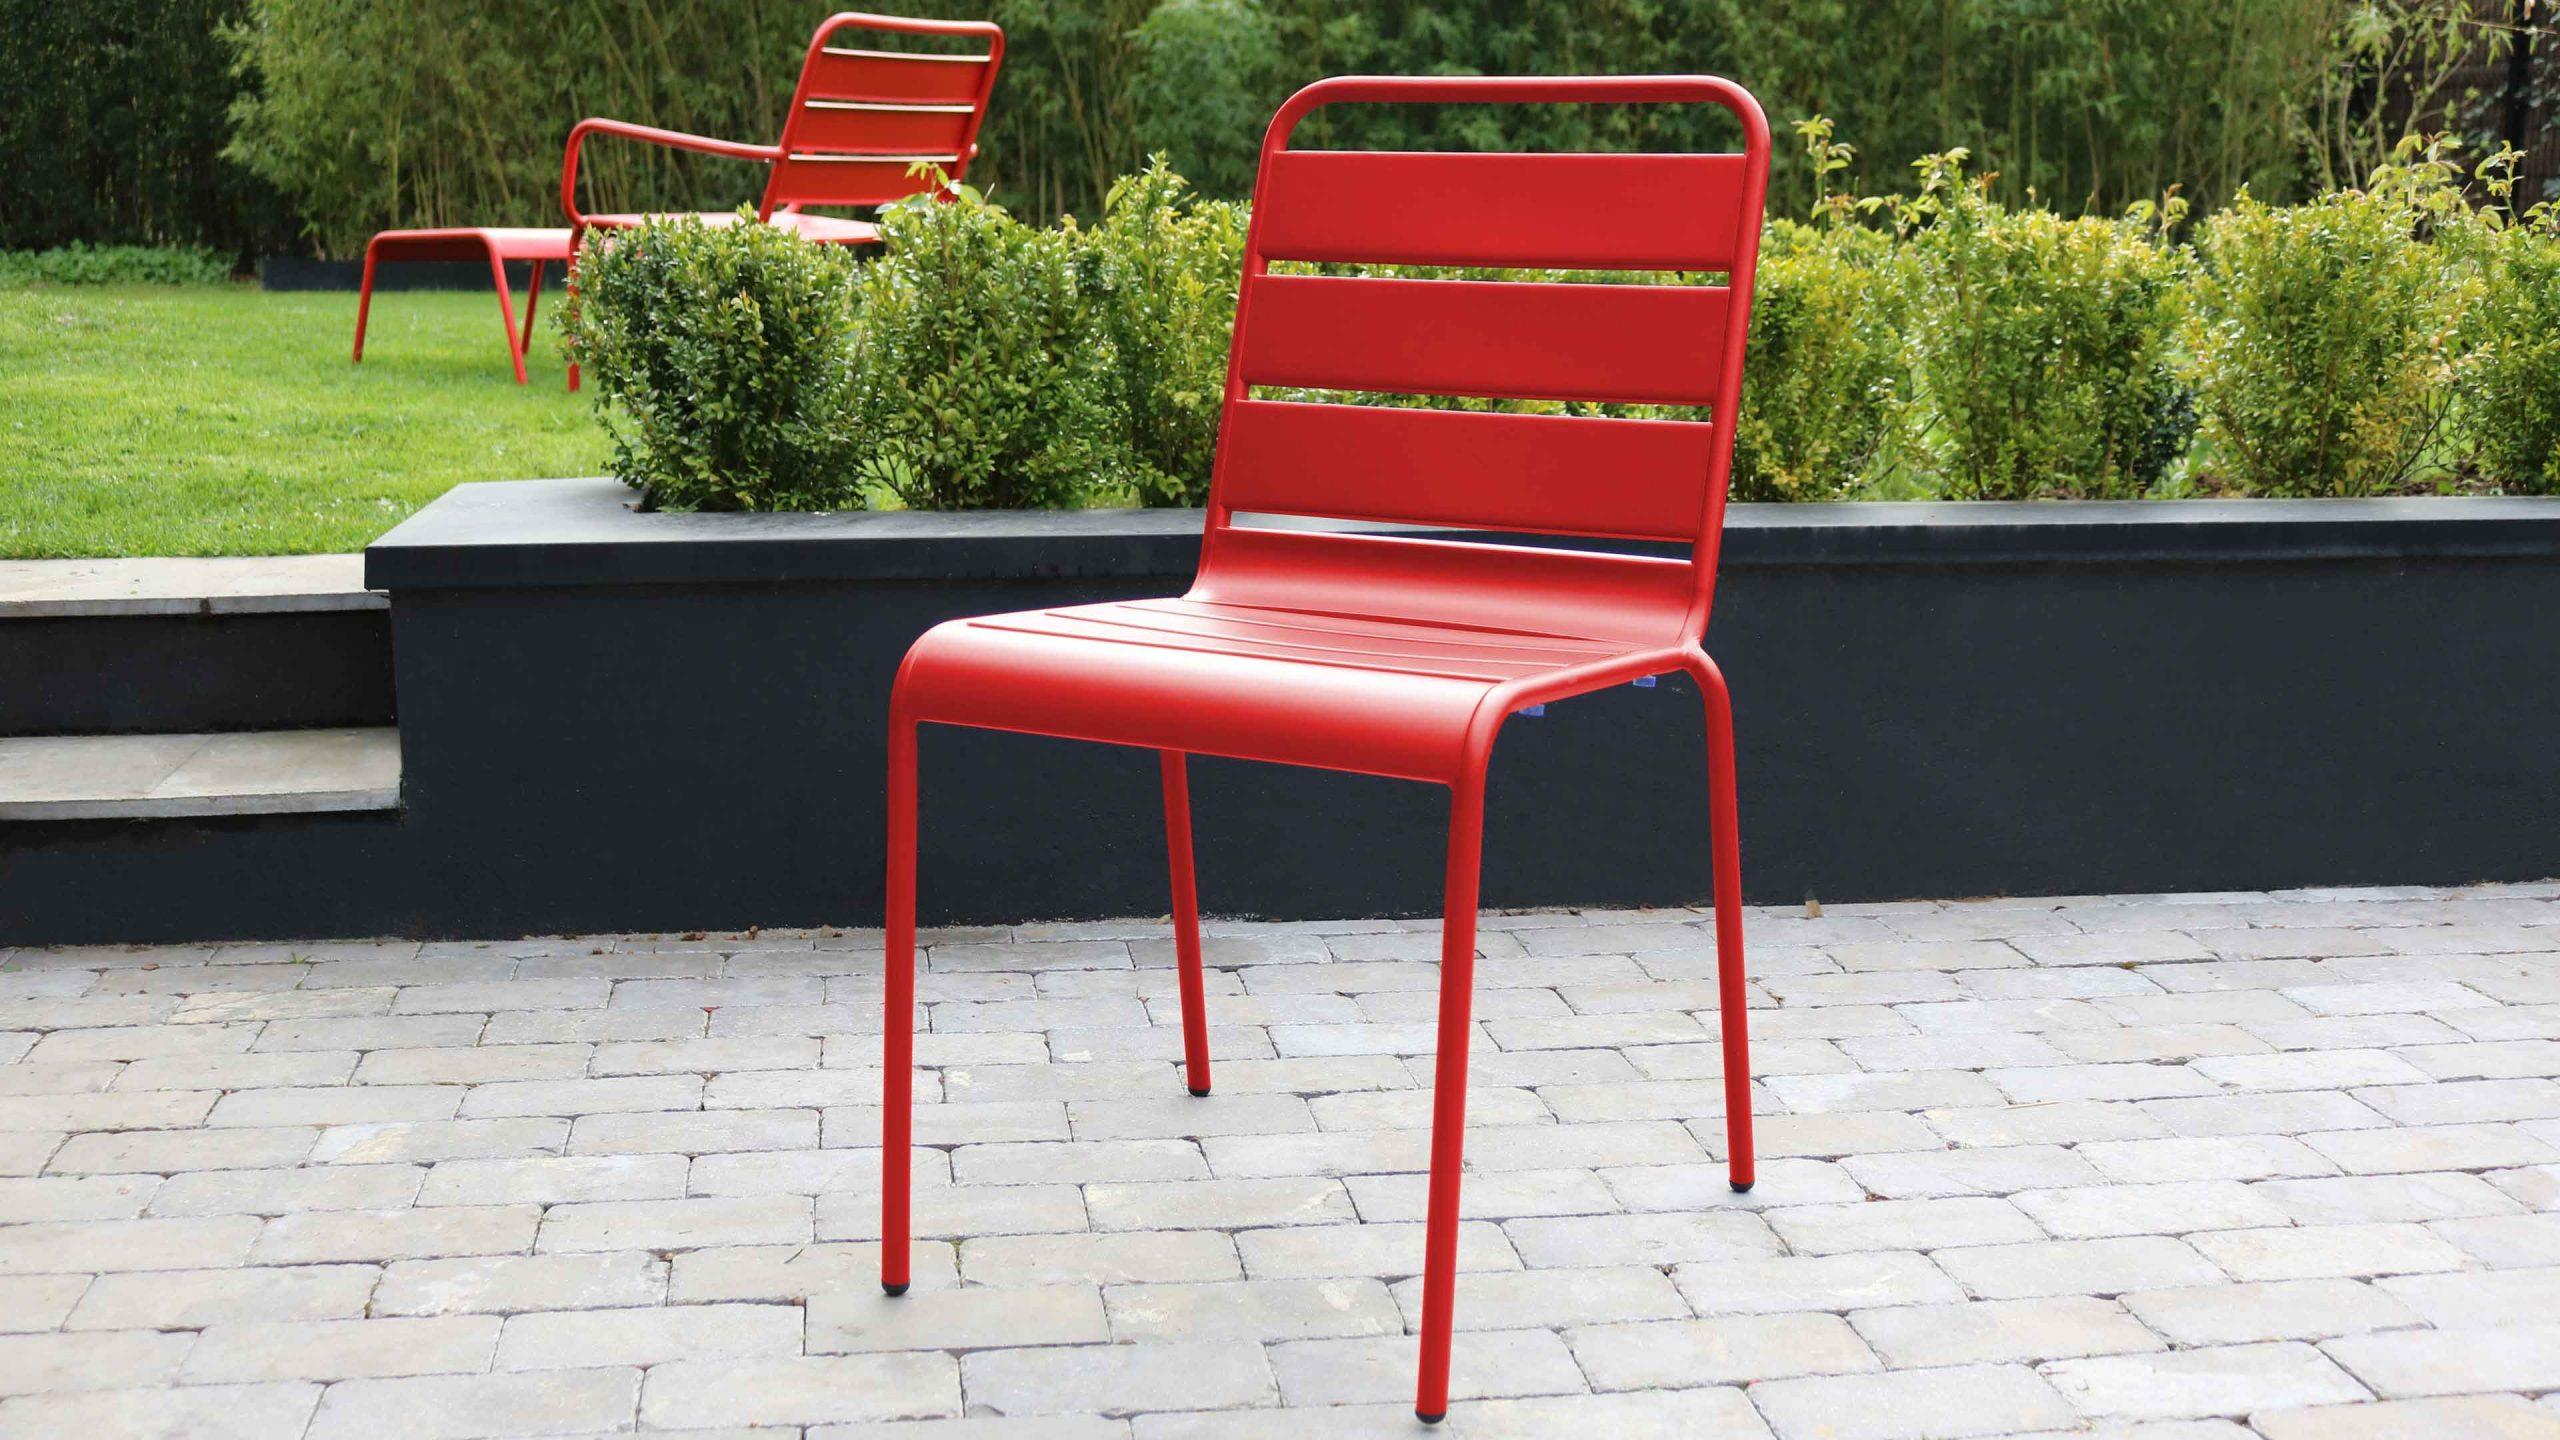 Salon De Jardin : Le Rouge Nous Inspire Pour Un Extérieur ... intérieur Chaise Jardin Colorée